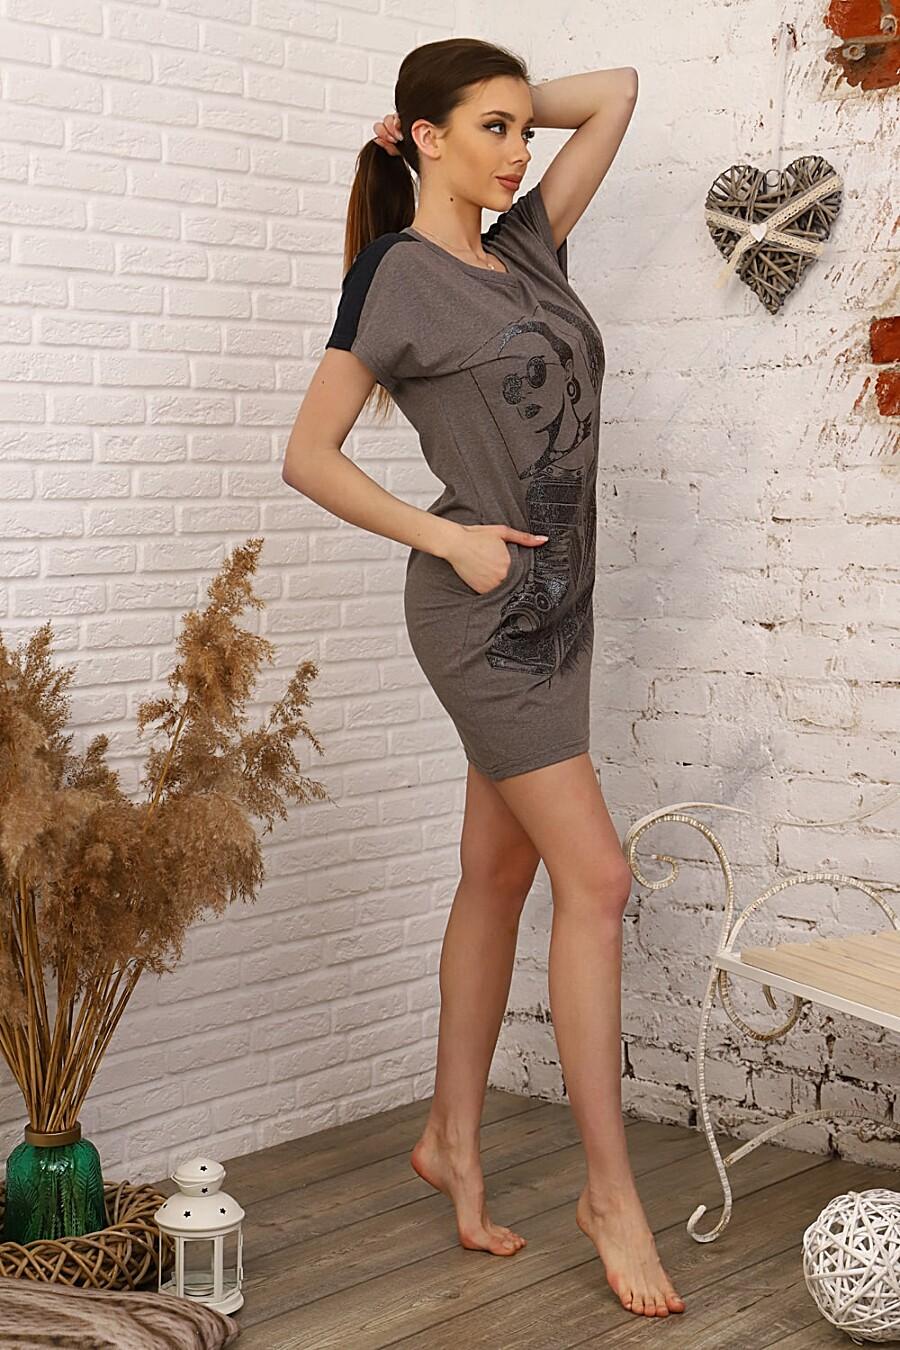 Туника 25726 для женщин НАТАЛИ 334810 купить оптом от производителя. Совместная покупка женской одежды в OptMoyo